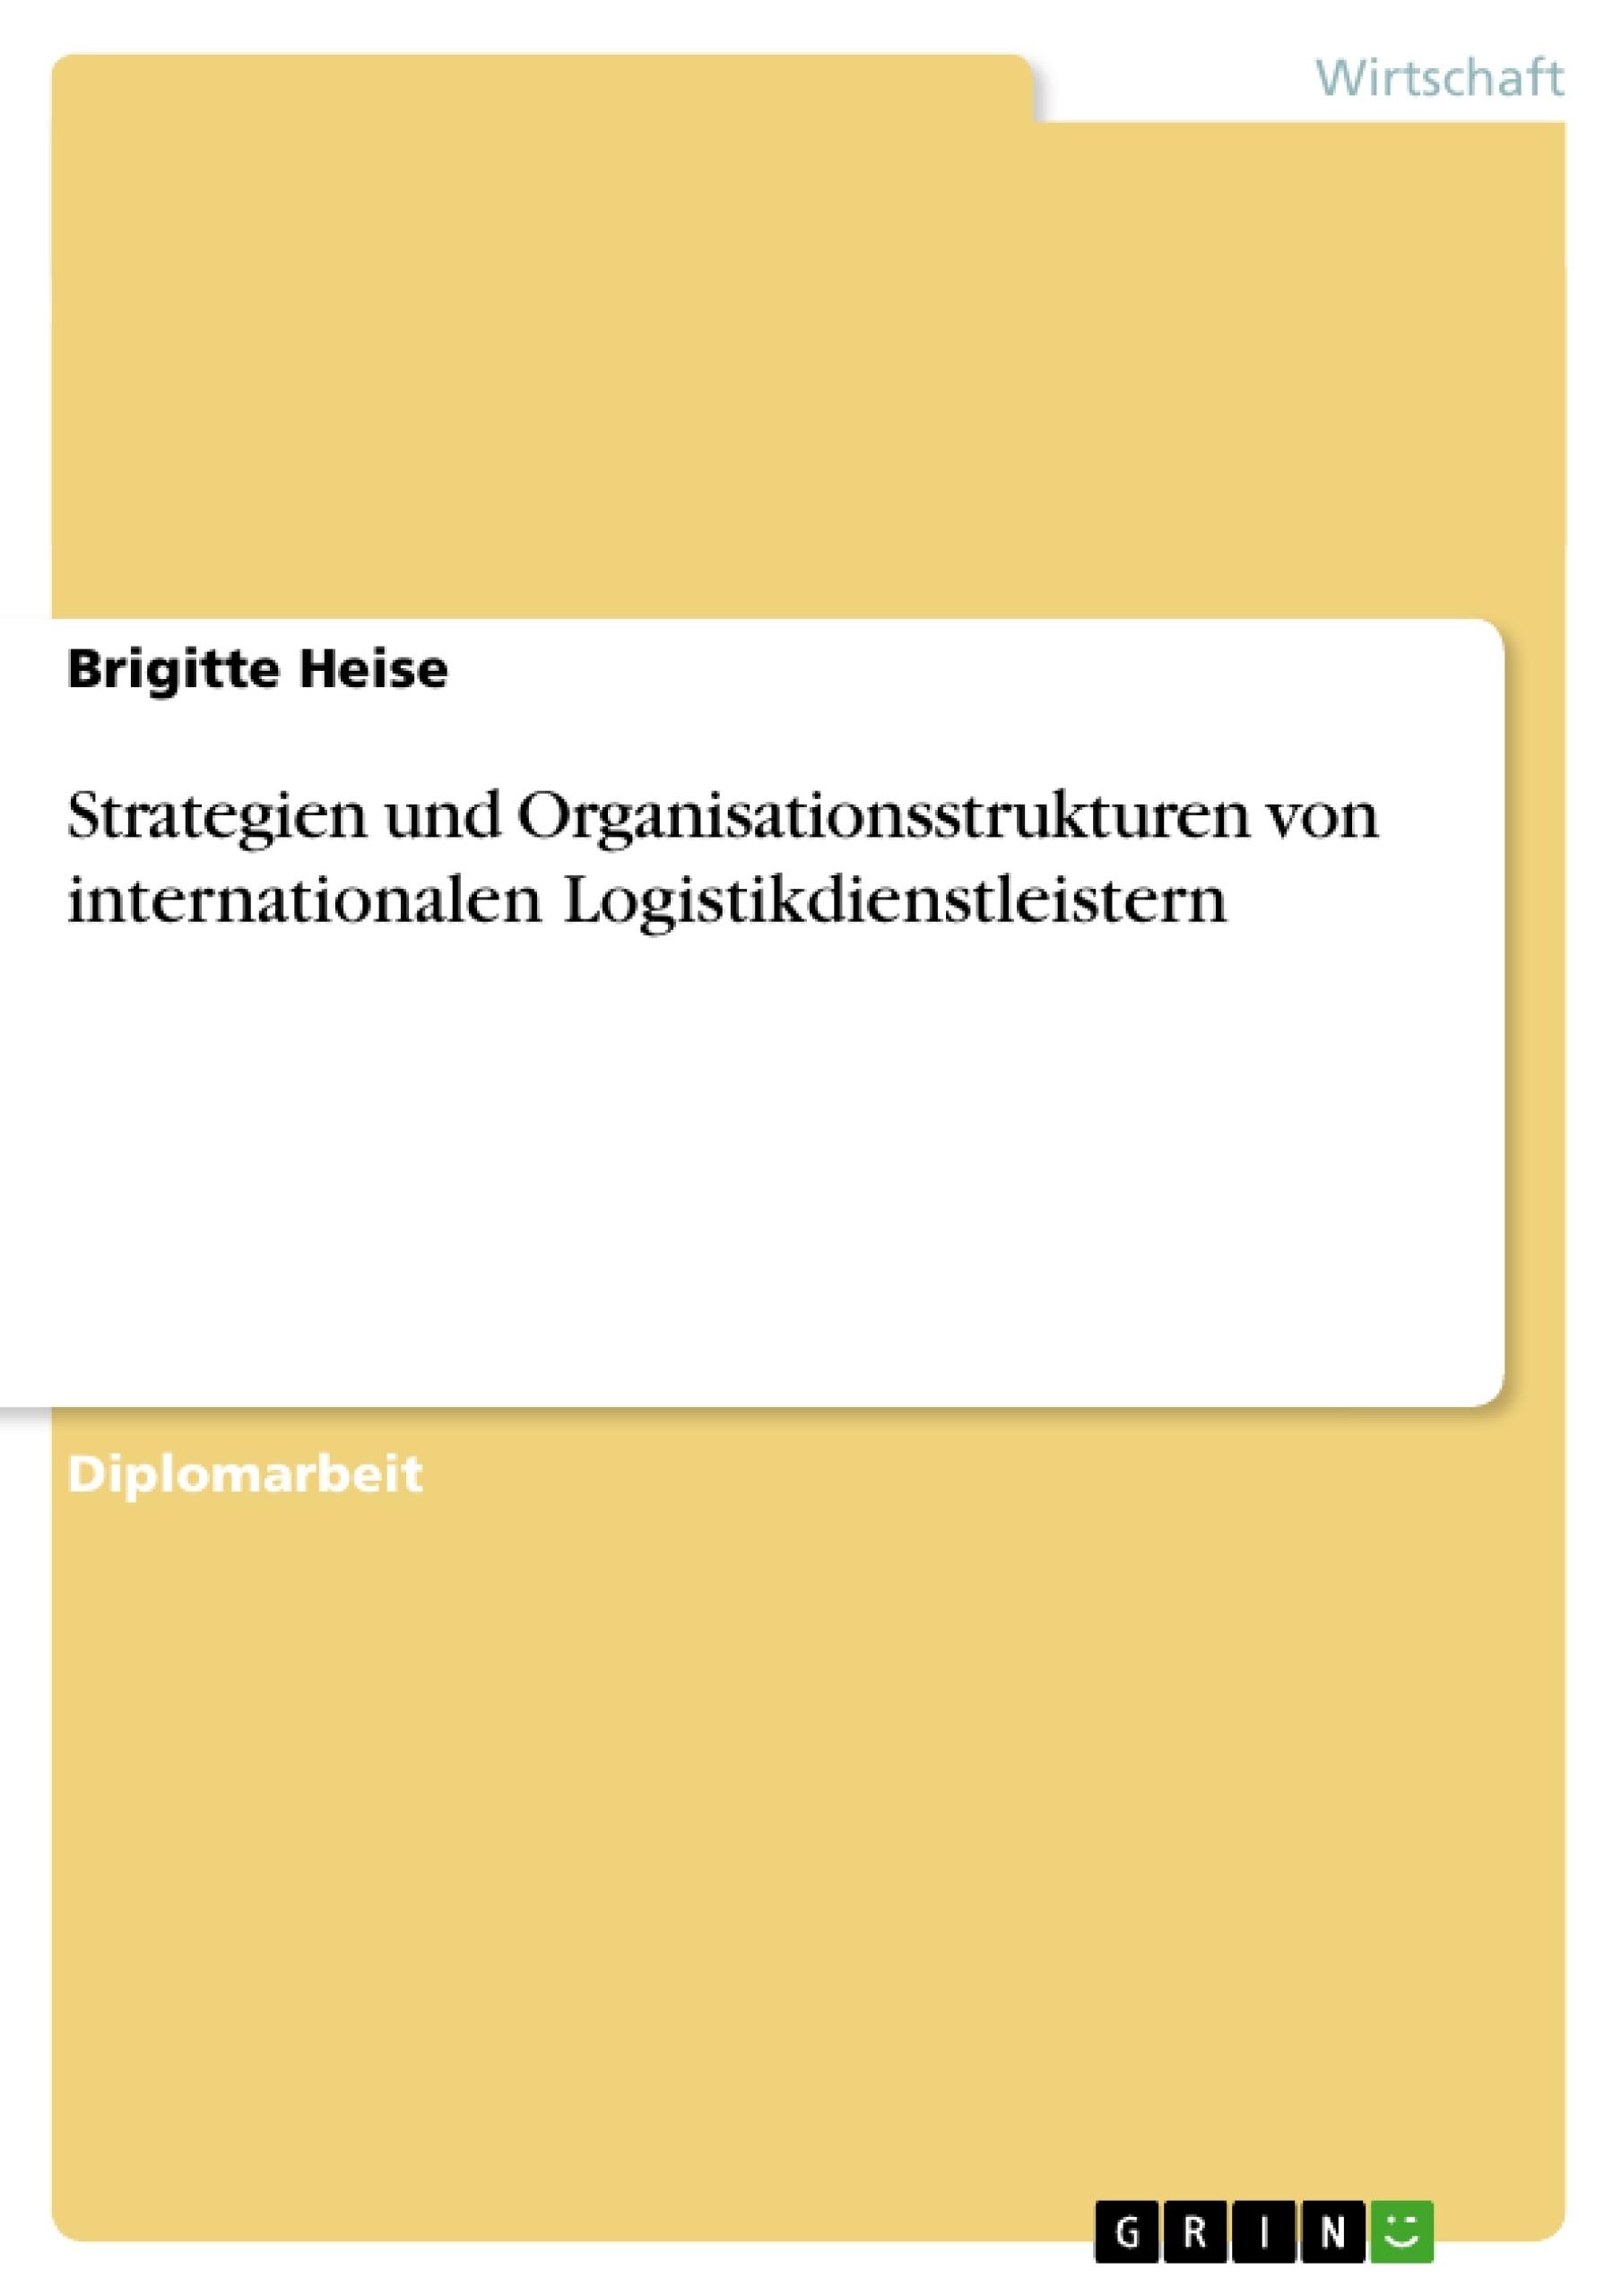 Titel: Strategien und Organisationsstrukturen von internationalen Logistikdienstleistern